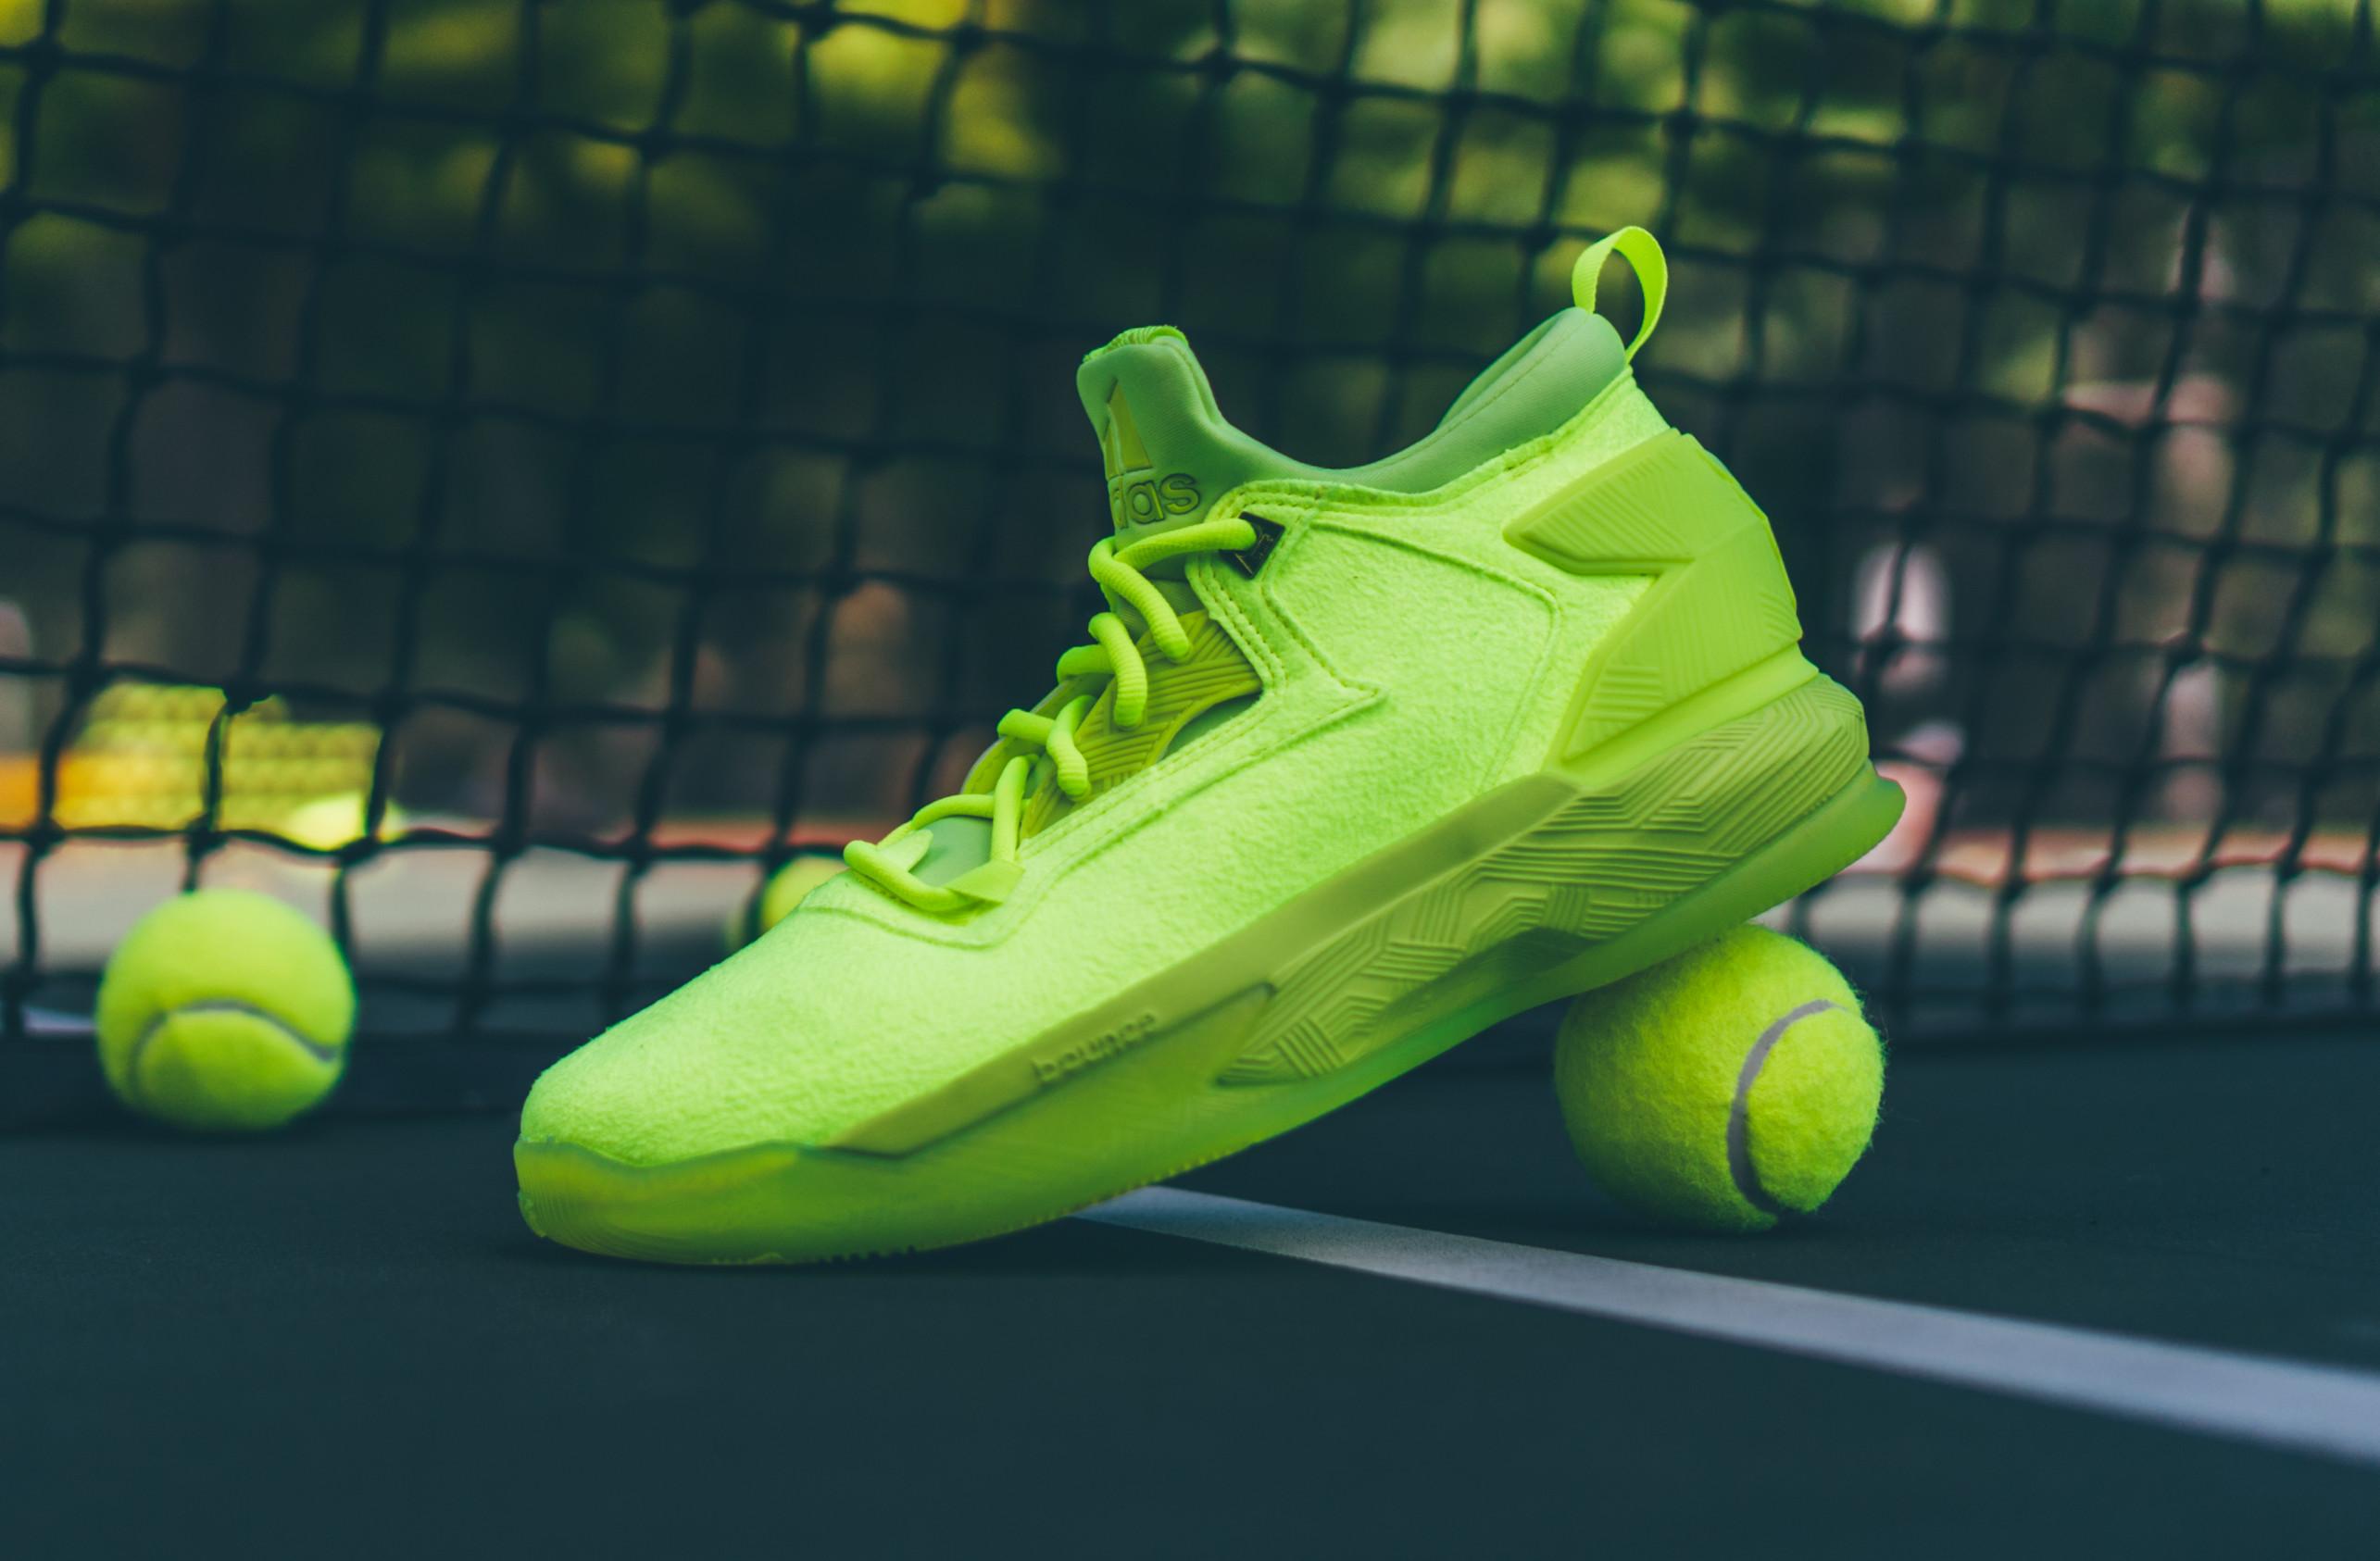 lillard neon green shoes off 63% - www